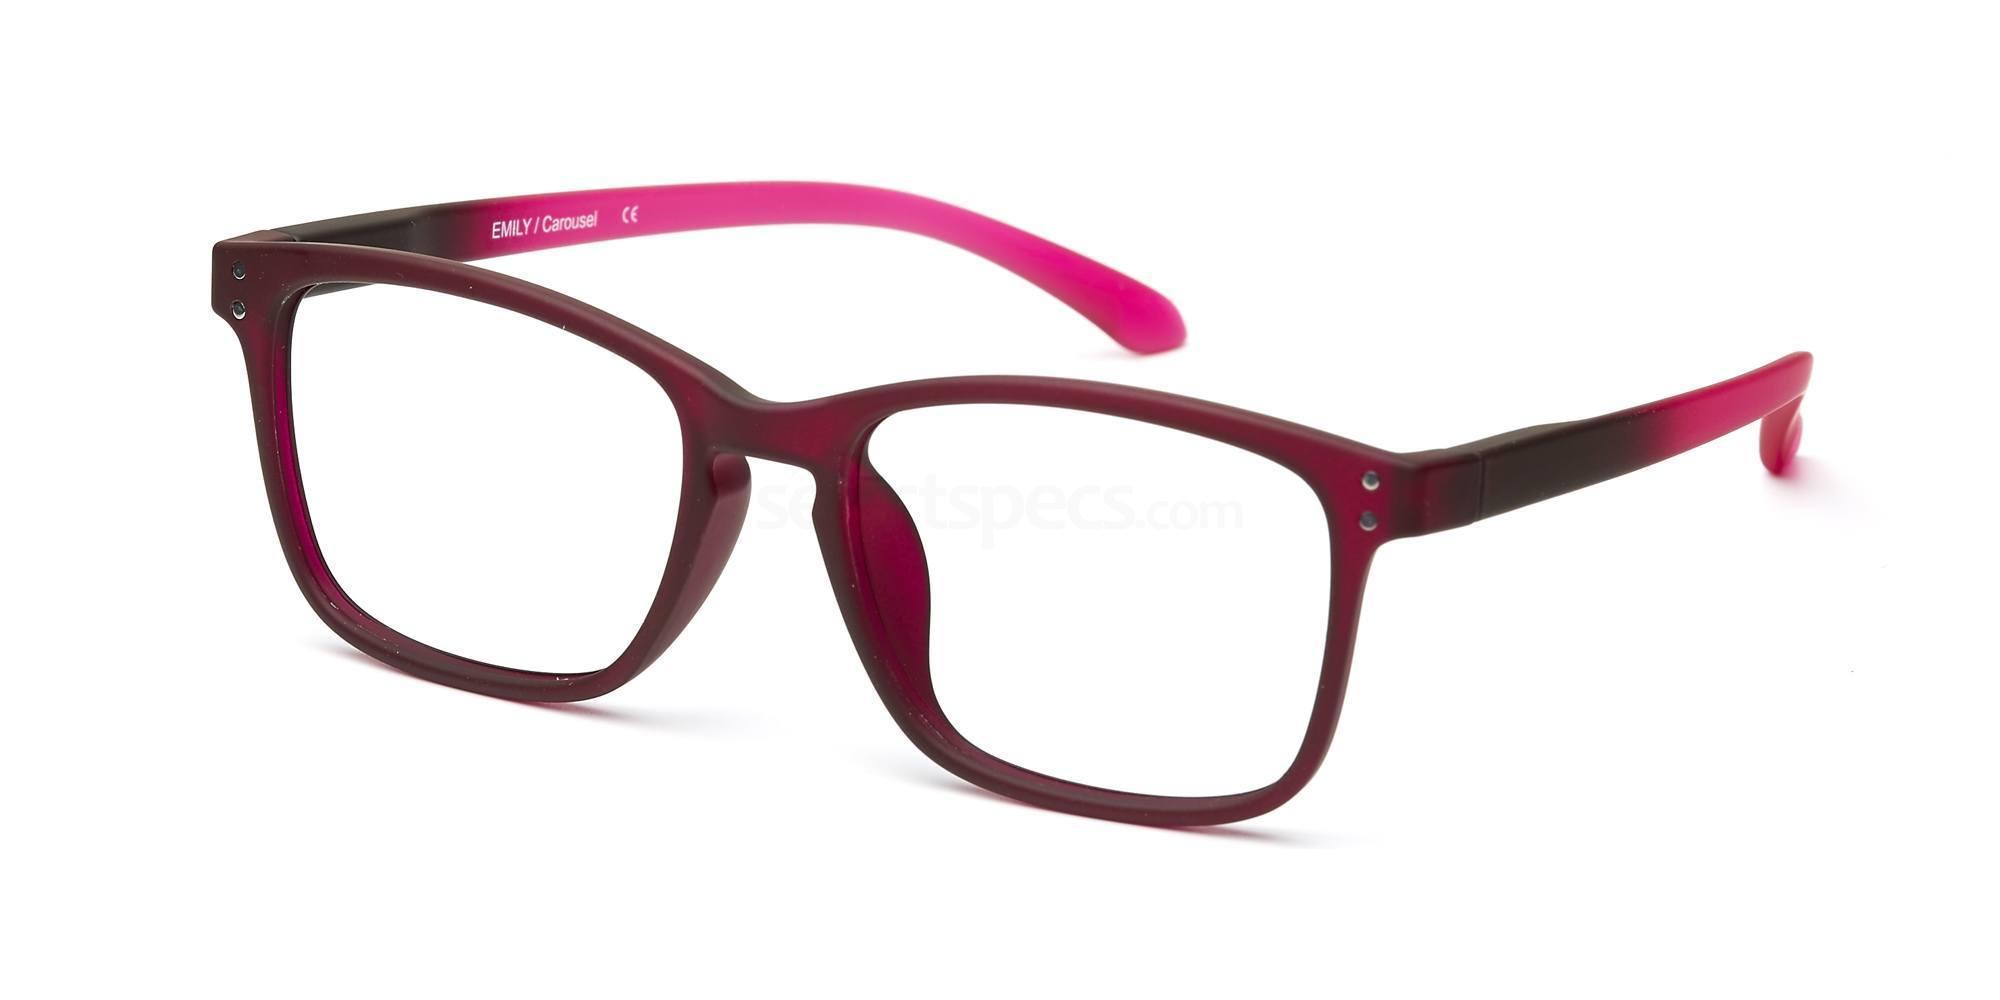 C1 EMILY Glasses, Carousel